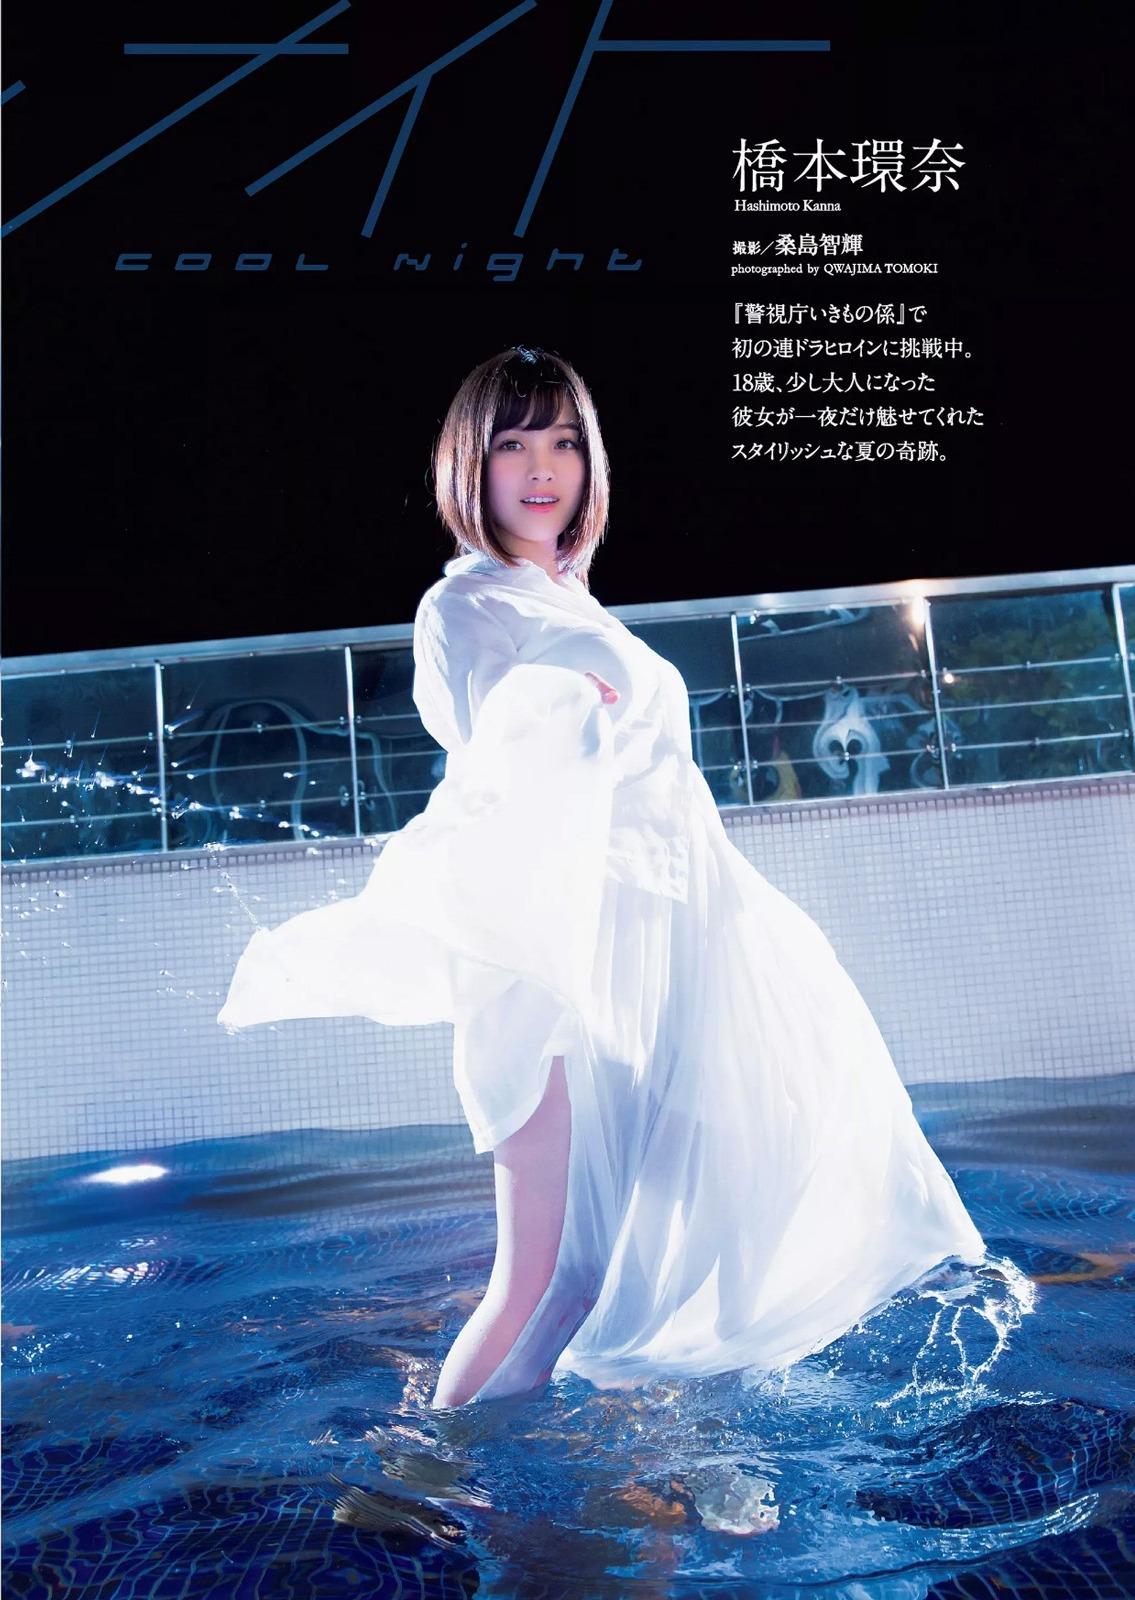 img 59a3cc437e0a6 - 千年に一度のアイドル、橋本環奈ちゃん!久々のグラビア画像!